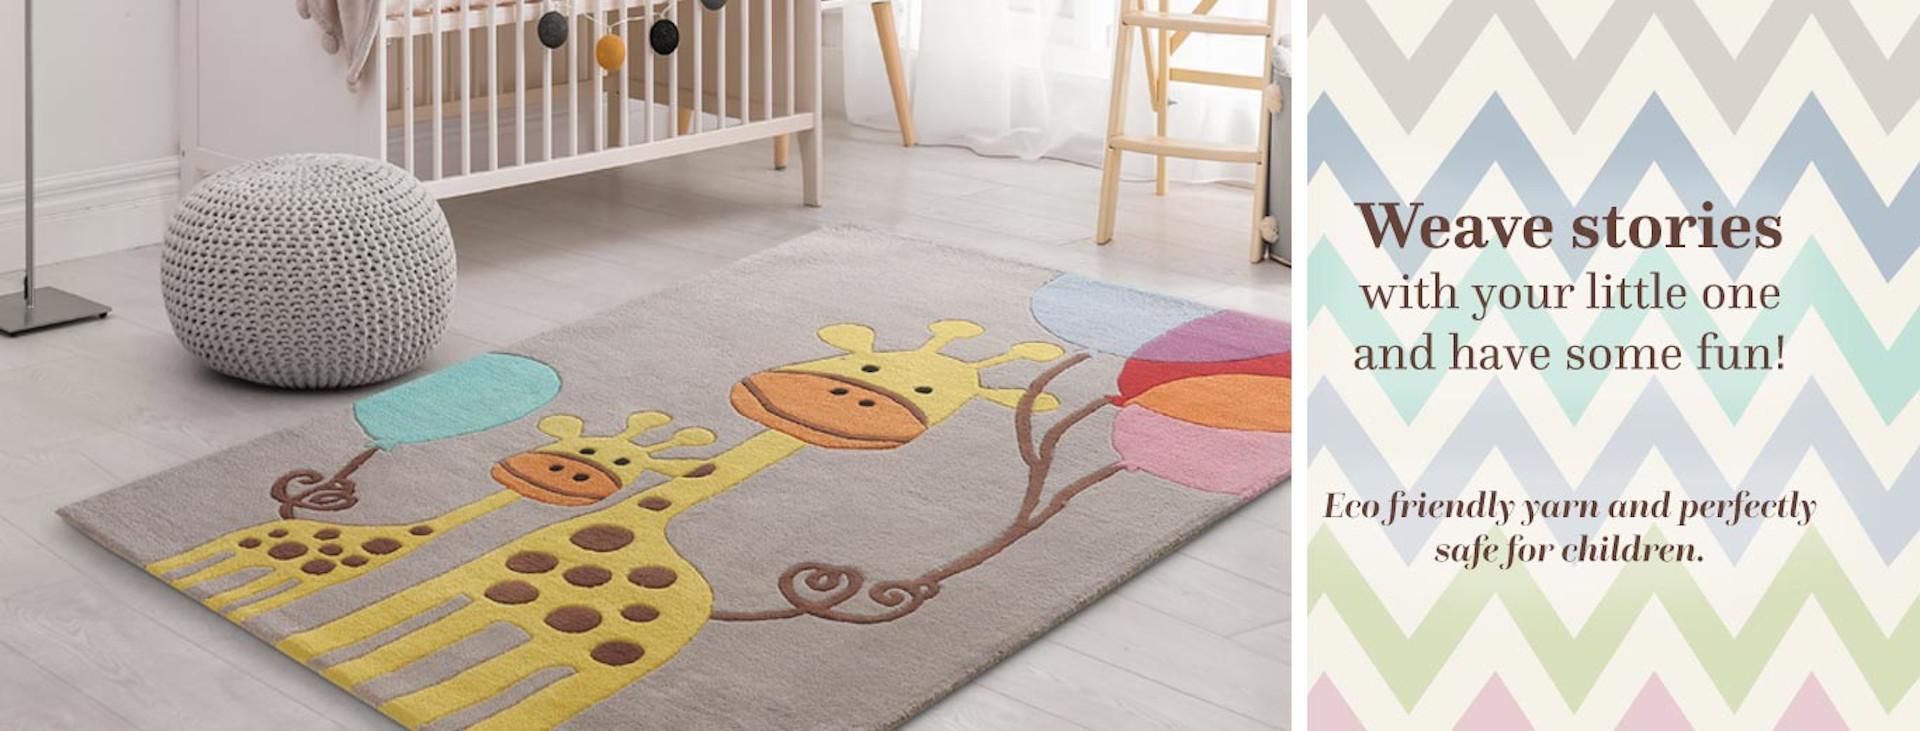 buy kids rugs online, buy kids carpets online, giraffe rug, kids giraffe rug, grey giraffe rug, kids room rugs, boys rugs, littlelooms rugs, Hand tufted rugs, handmade rugs